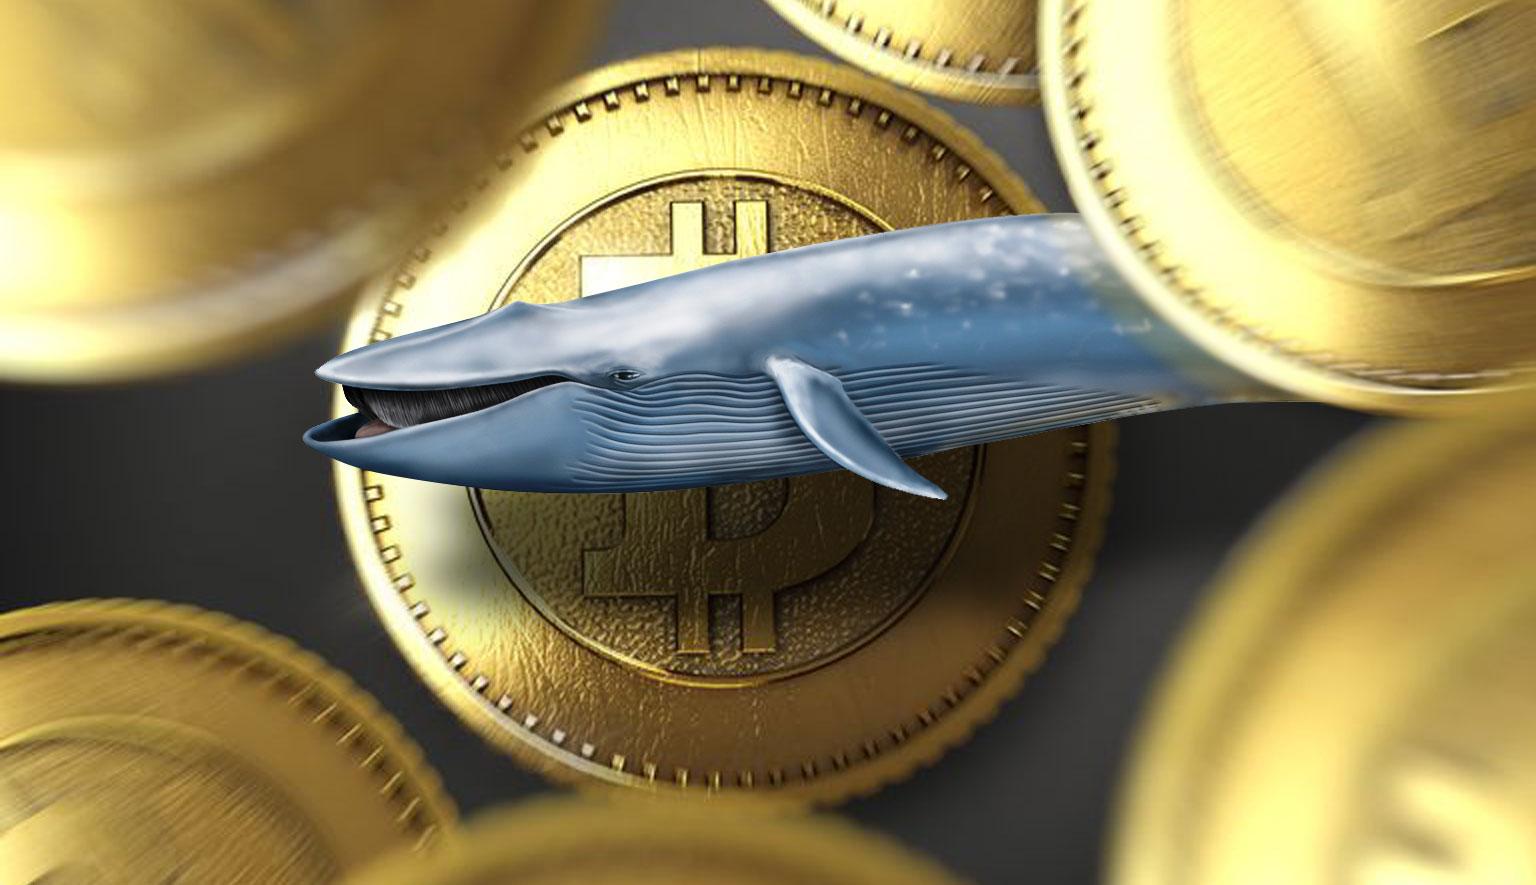 Биткоин-кит продал монеты по $58 000 купил 3521 BTC во время падения курса